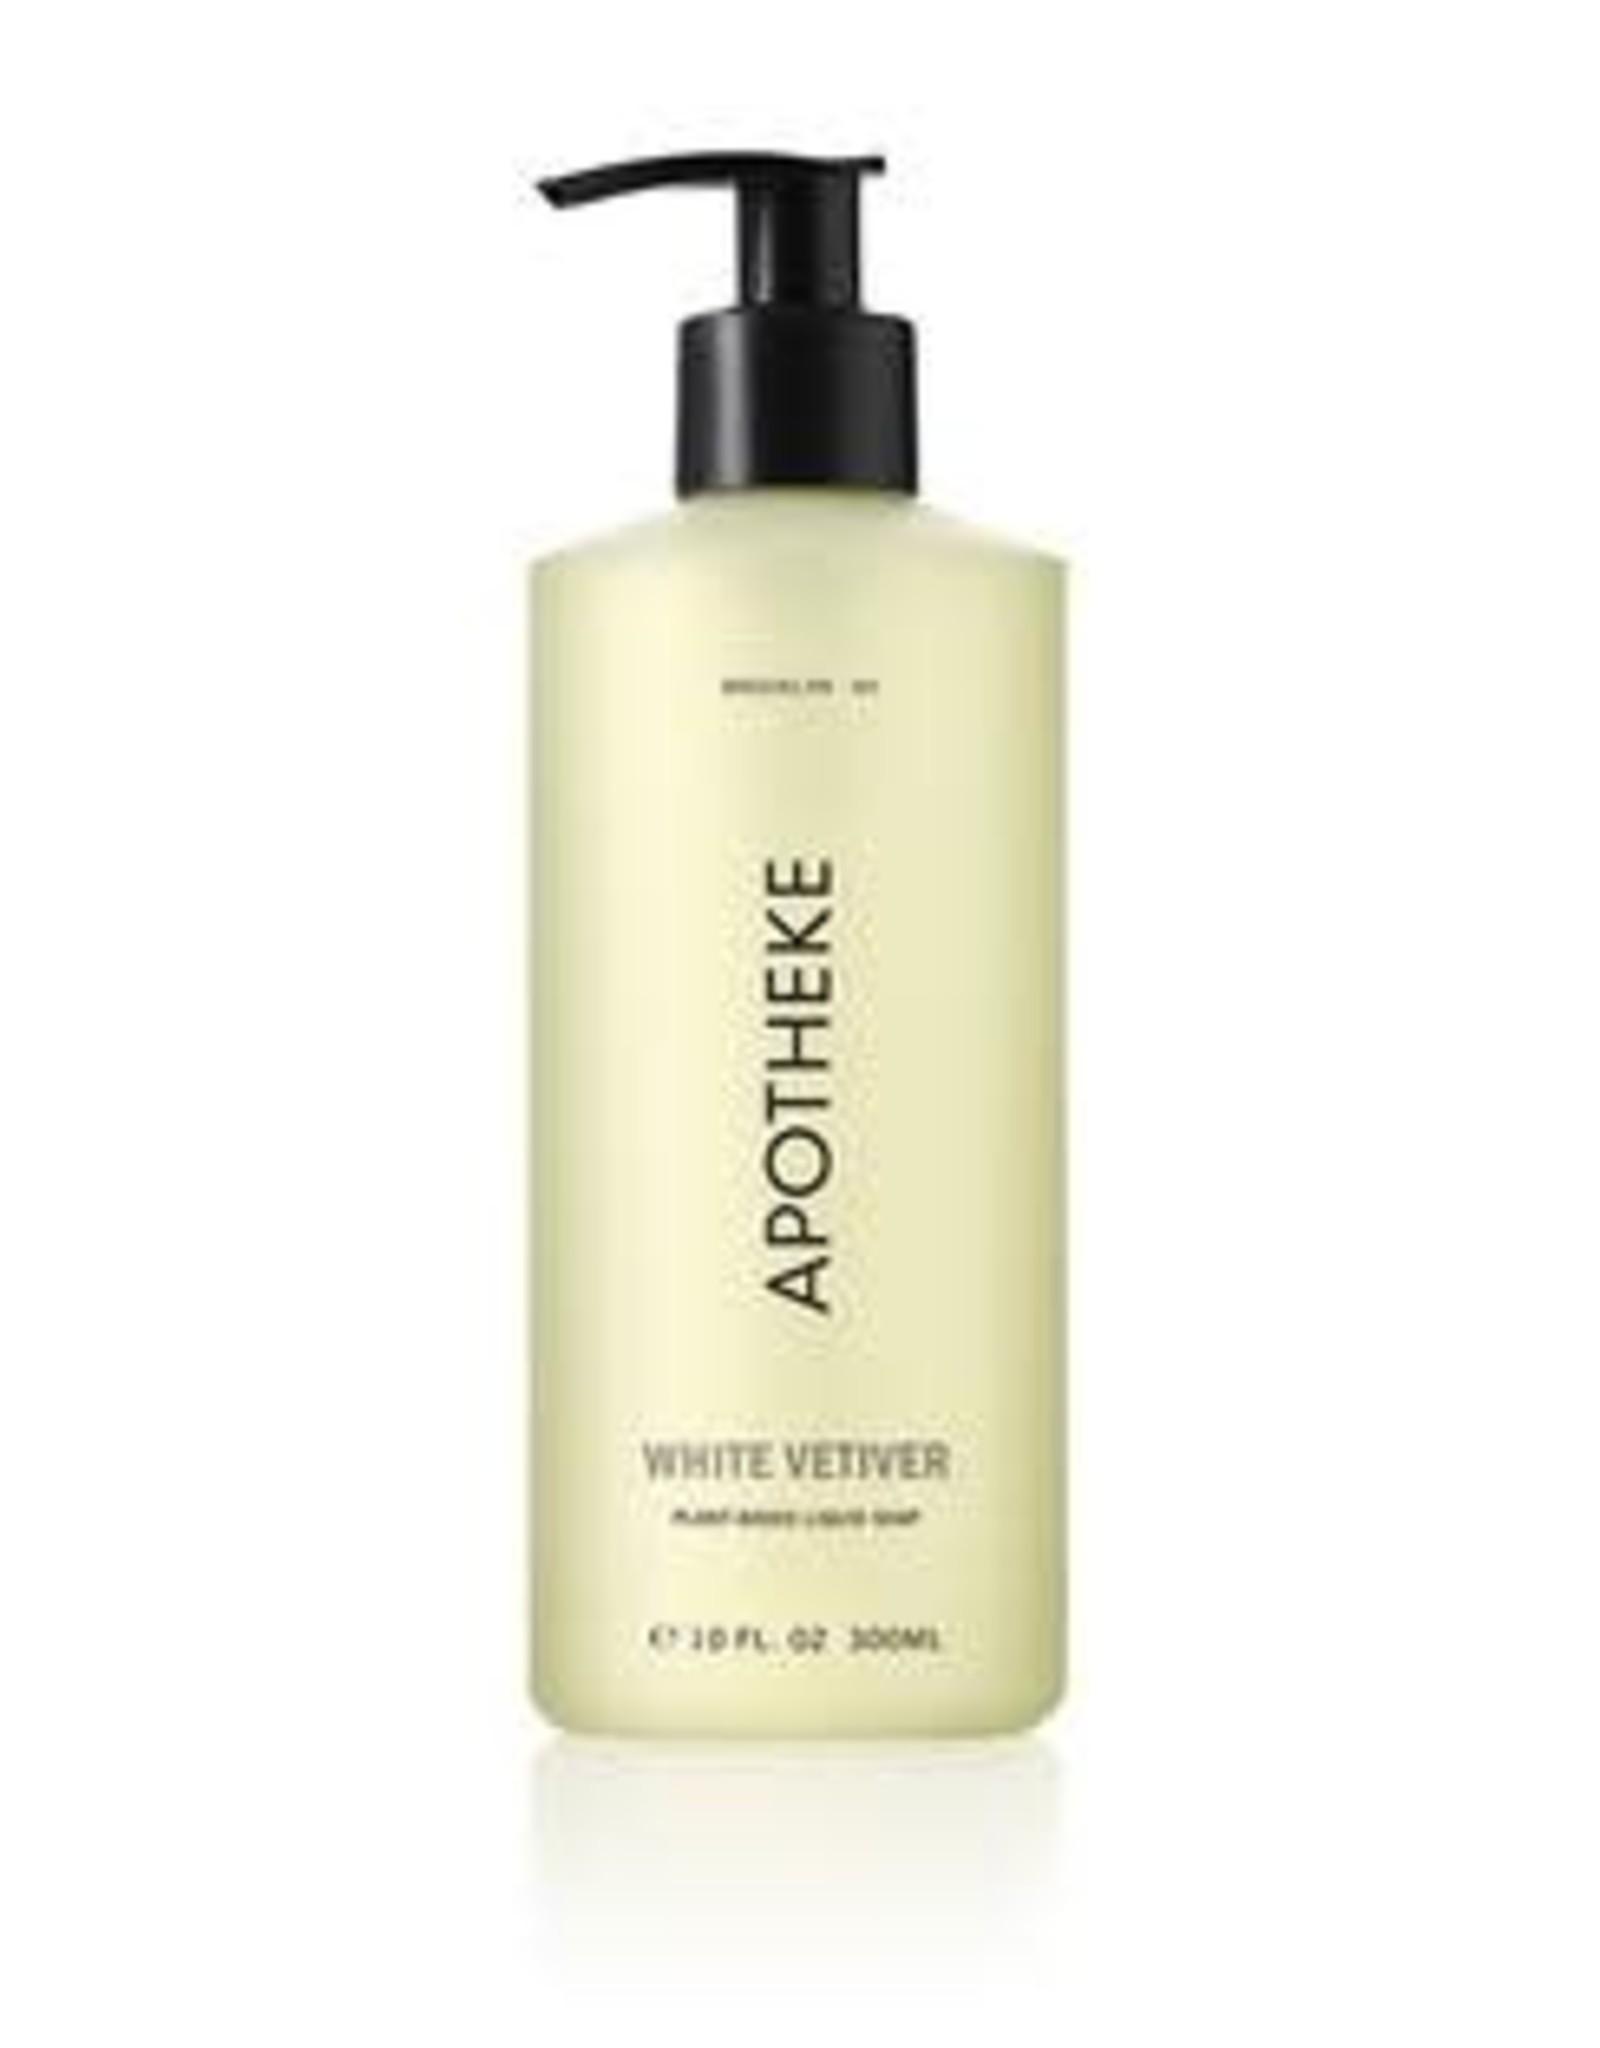 Apotheke Apotheke White Vetiver Liquid Soap